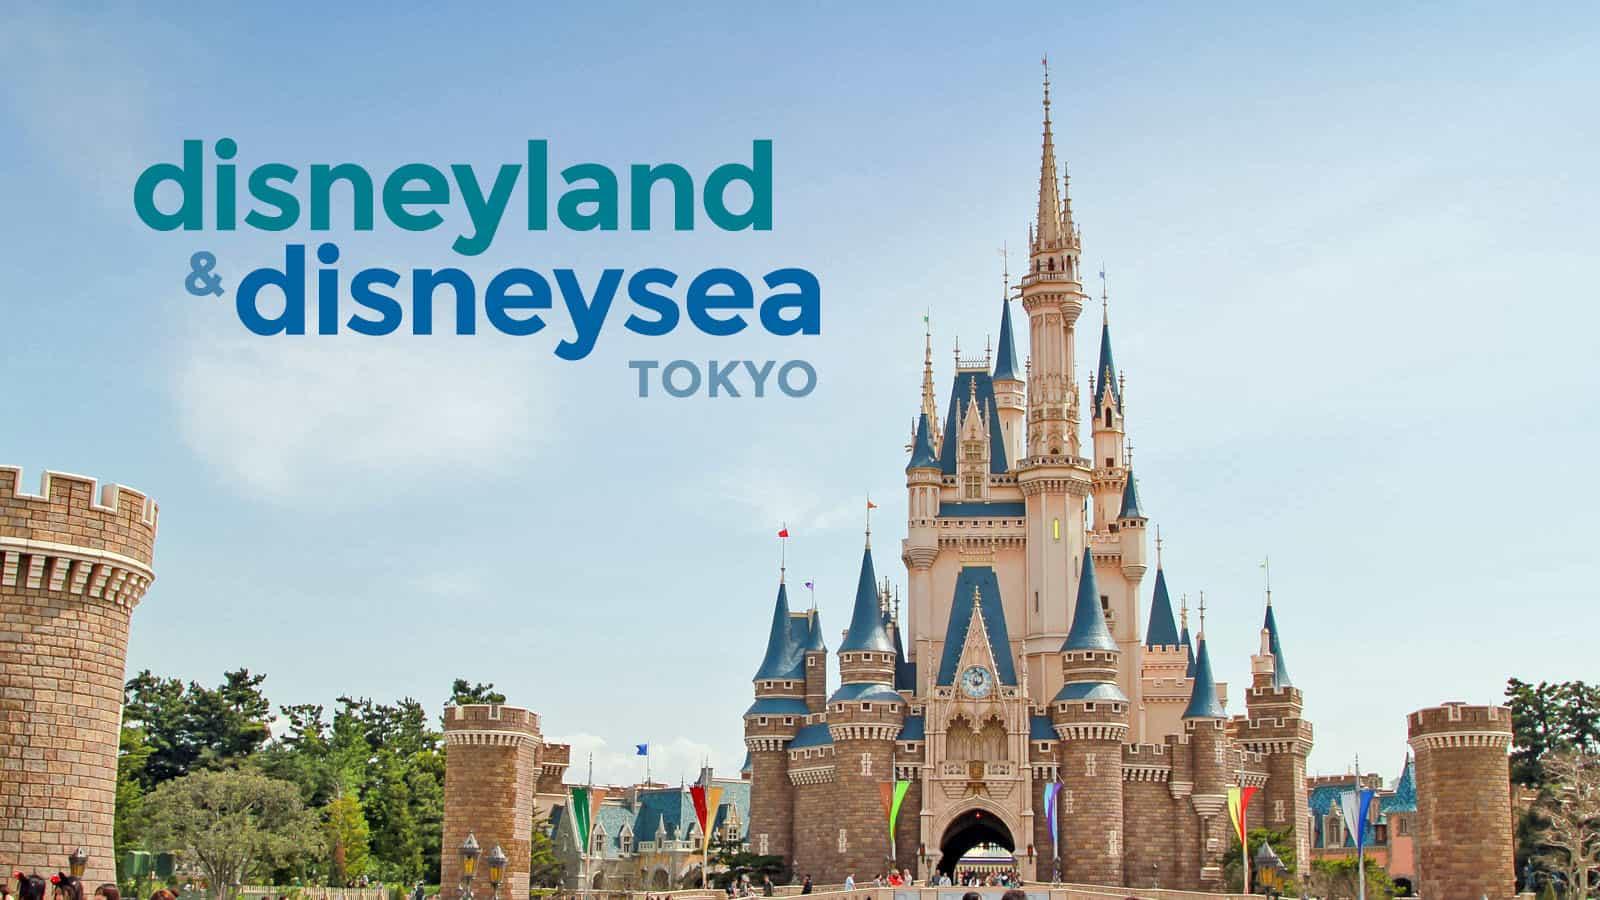 东京迪斯尼乐园和迪斯尼海洋。第一次来的人的指南 | 穷游者的行程安排博客